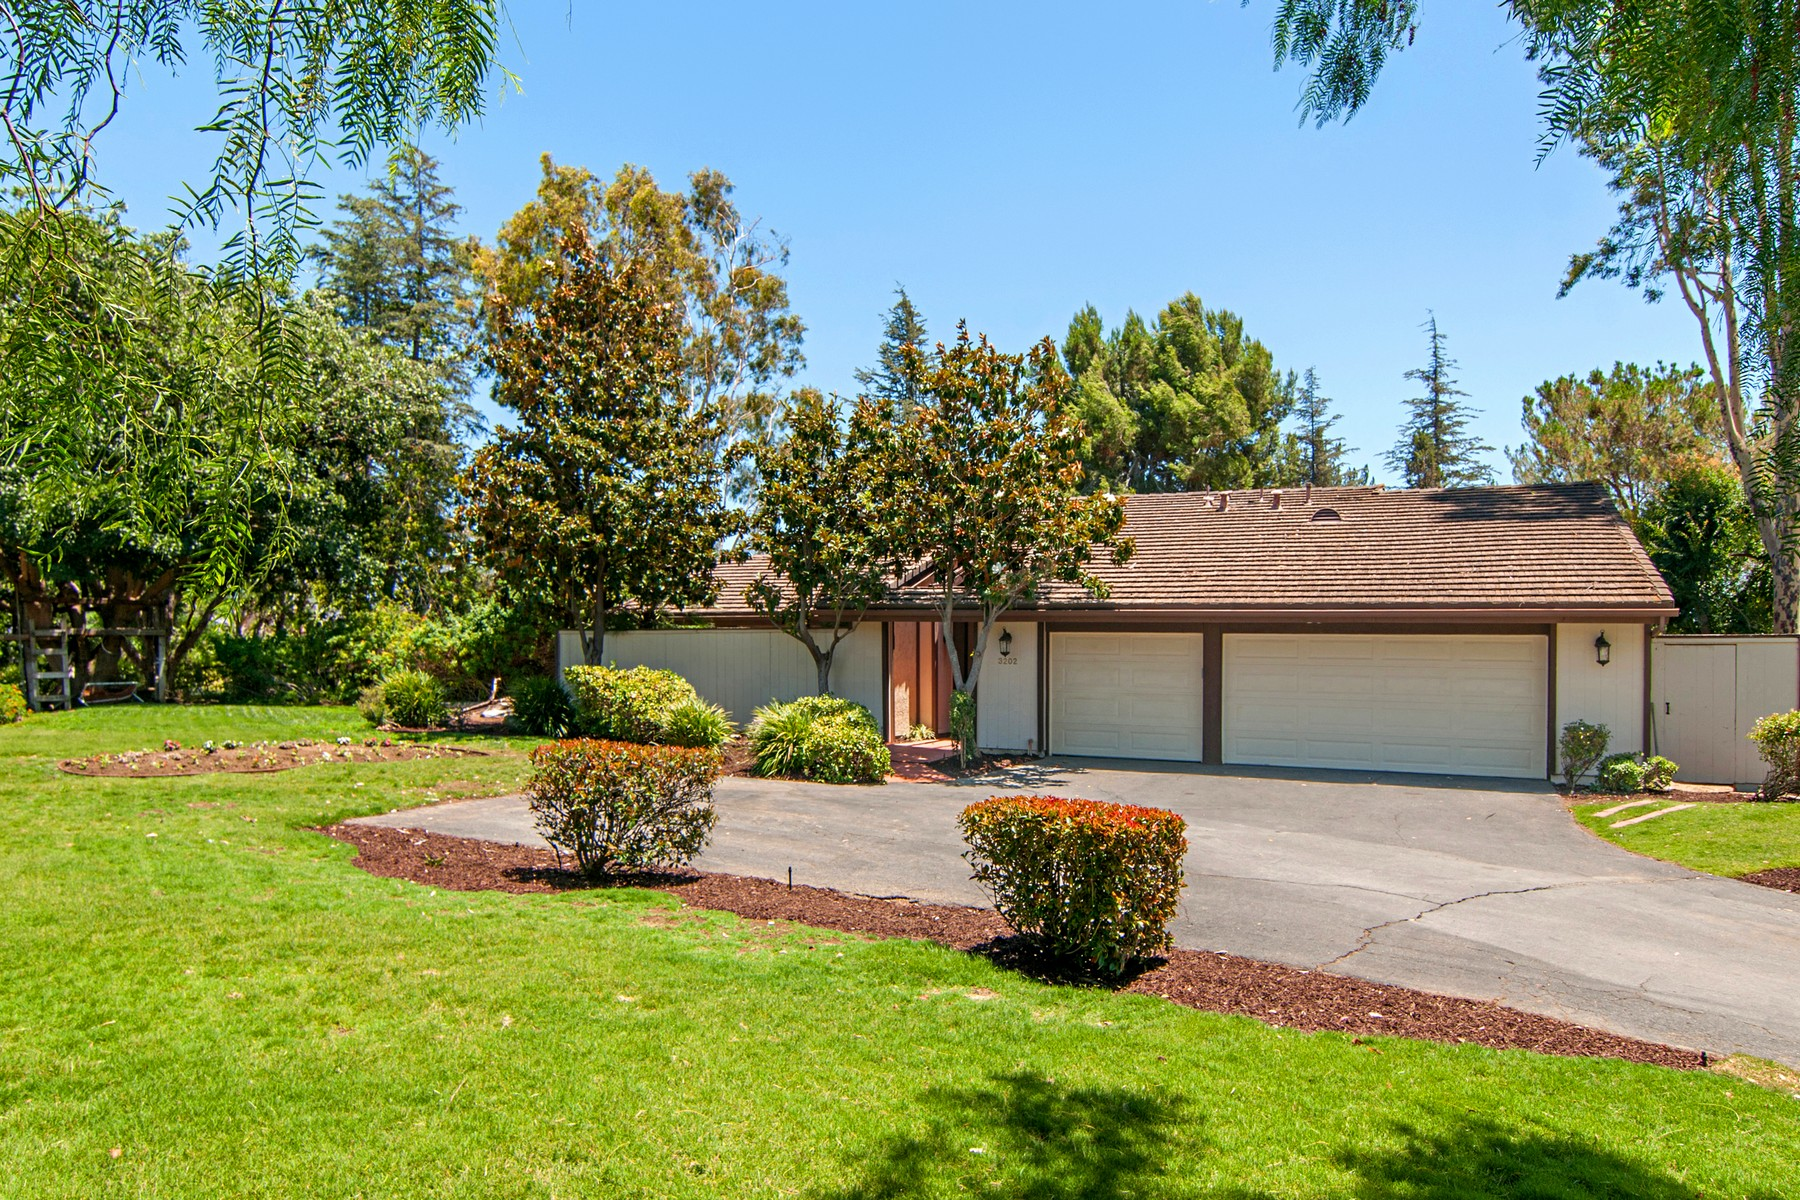 独户住宅 为 销售 在 3202 Avenida Hacienda 埃斯孔迪多, 加利福尼亚州 92029 美国